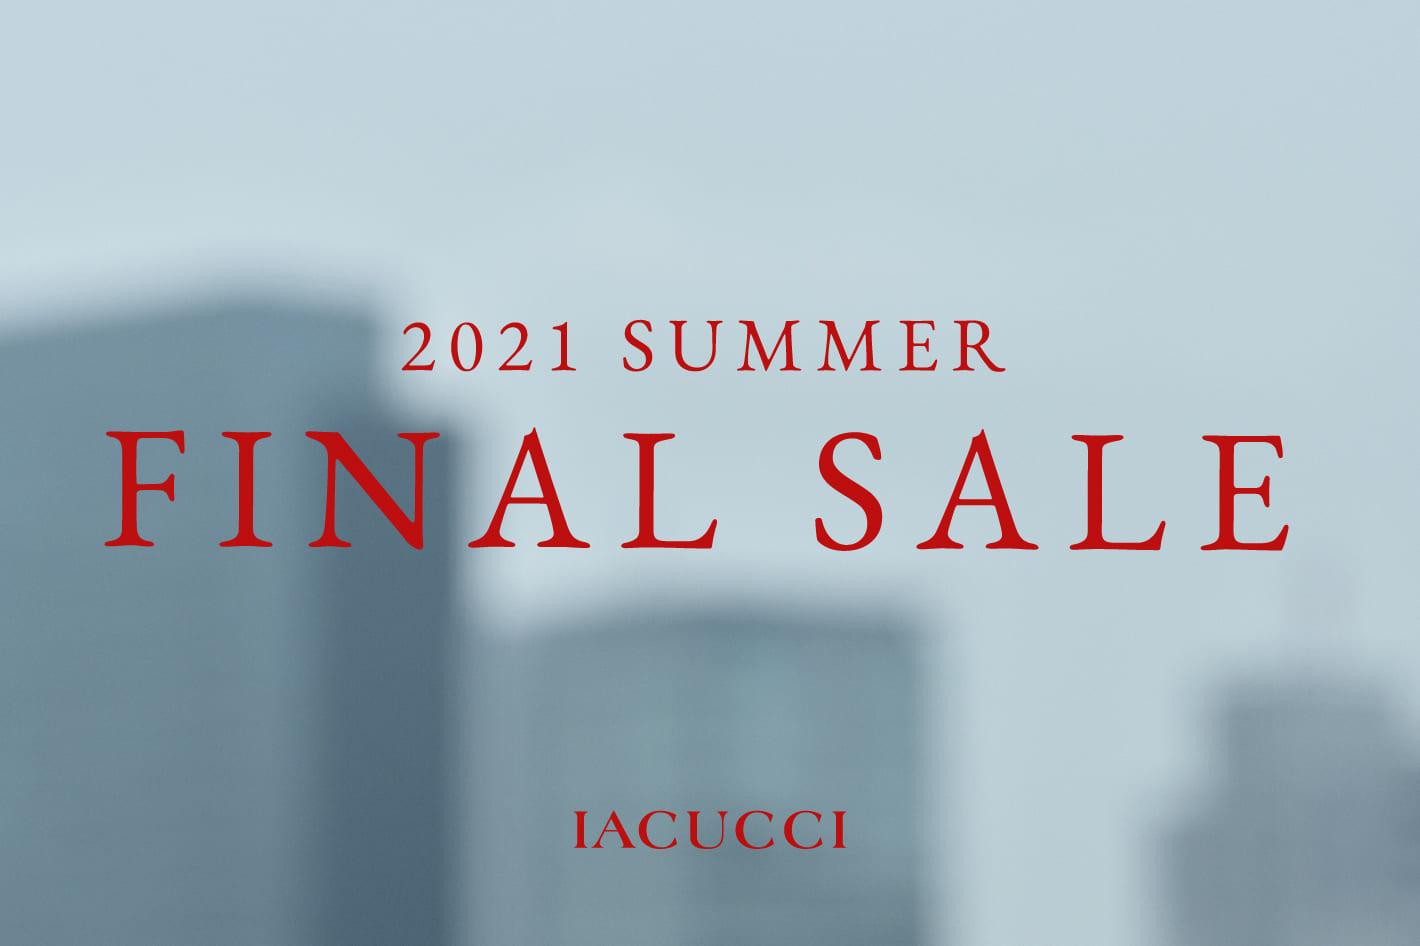 IACUCCI <FINAL SALE>セールアイテムがさらにプライスダウン!